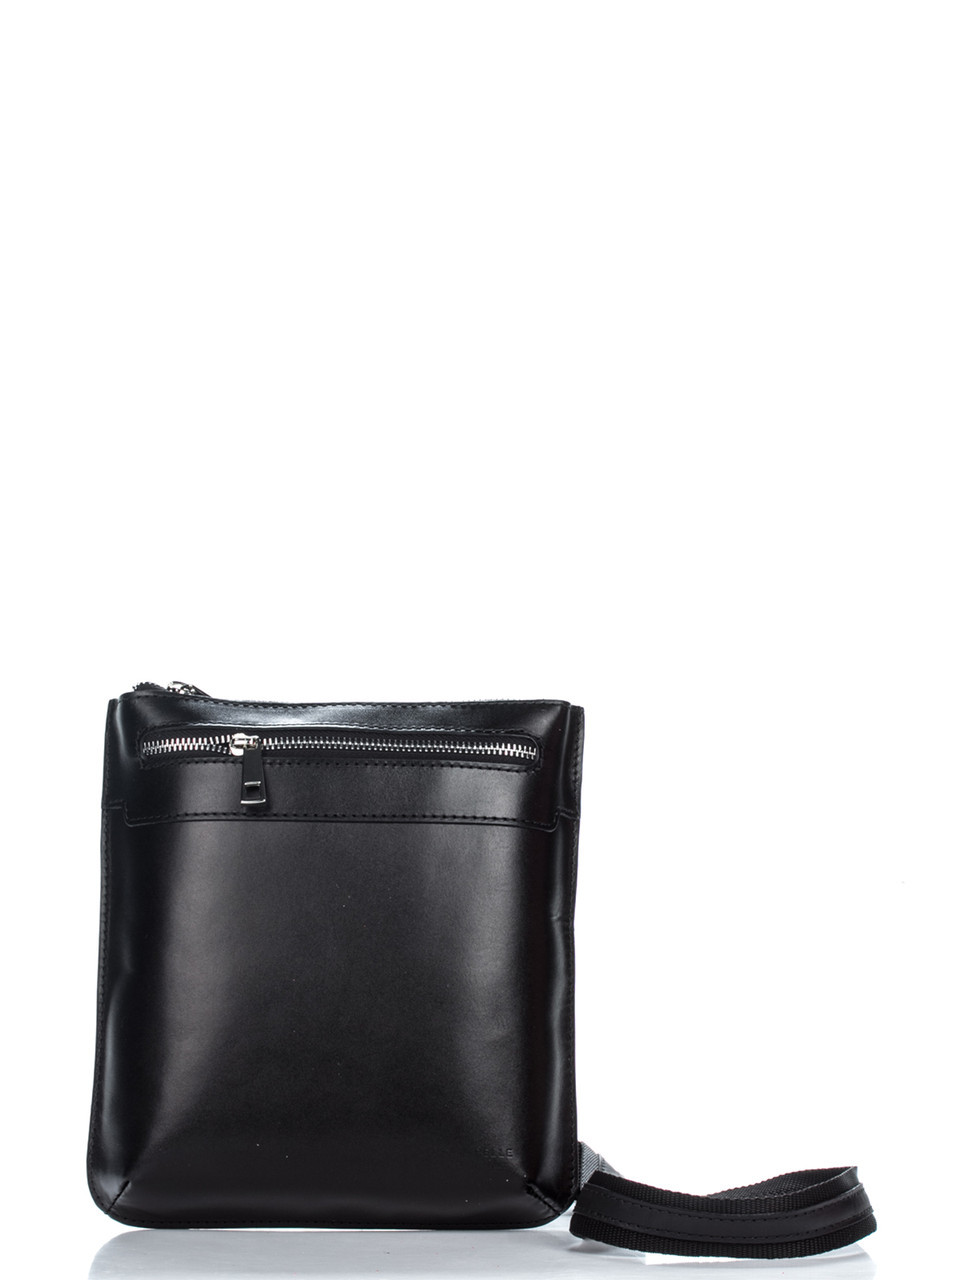 Кожаная сумка унисекс MARTINA Diva's Bag цвет черный